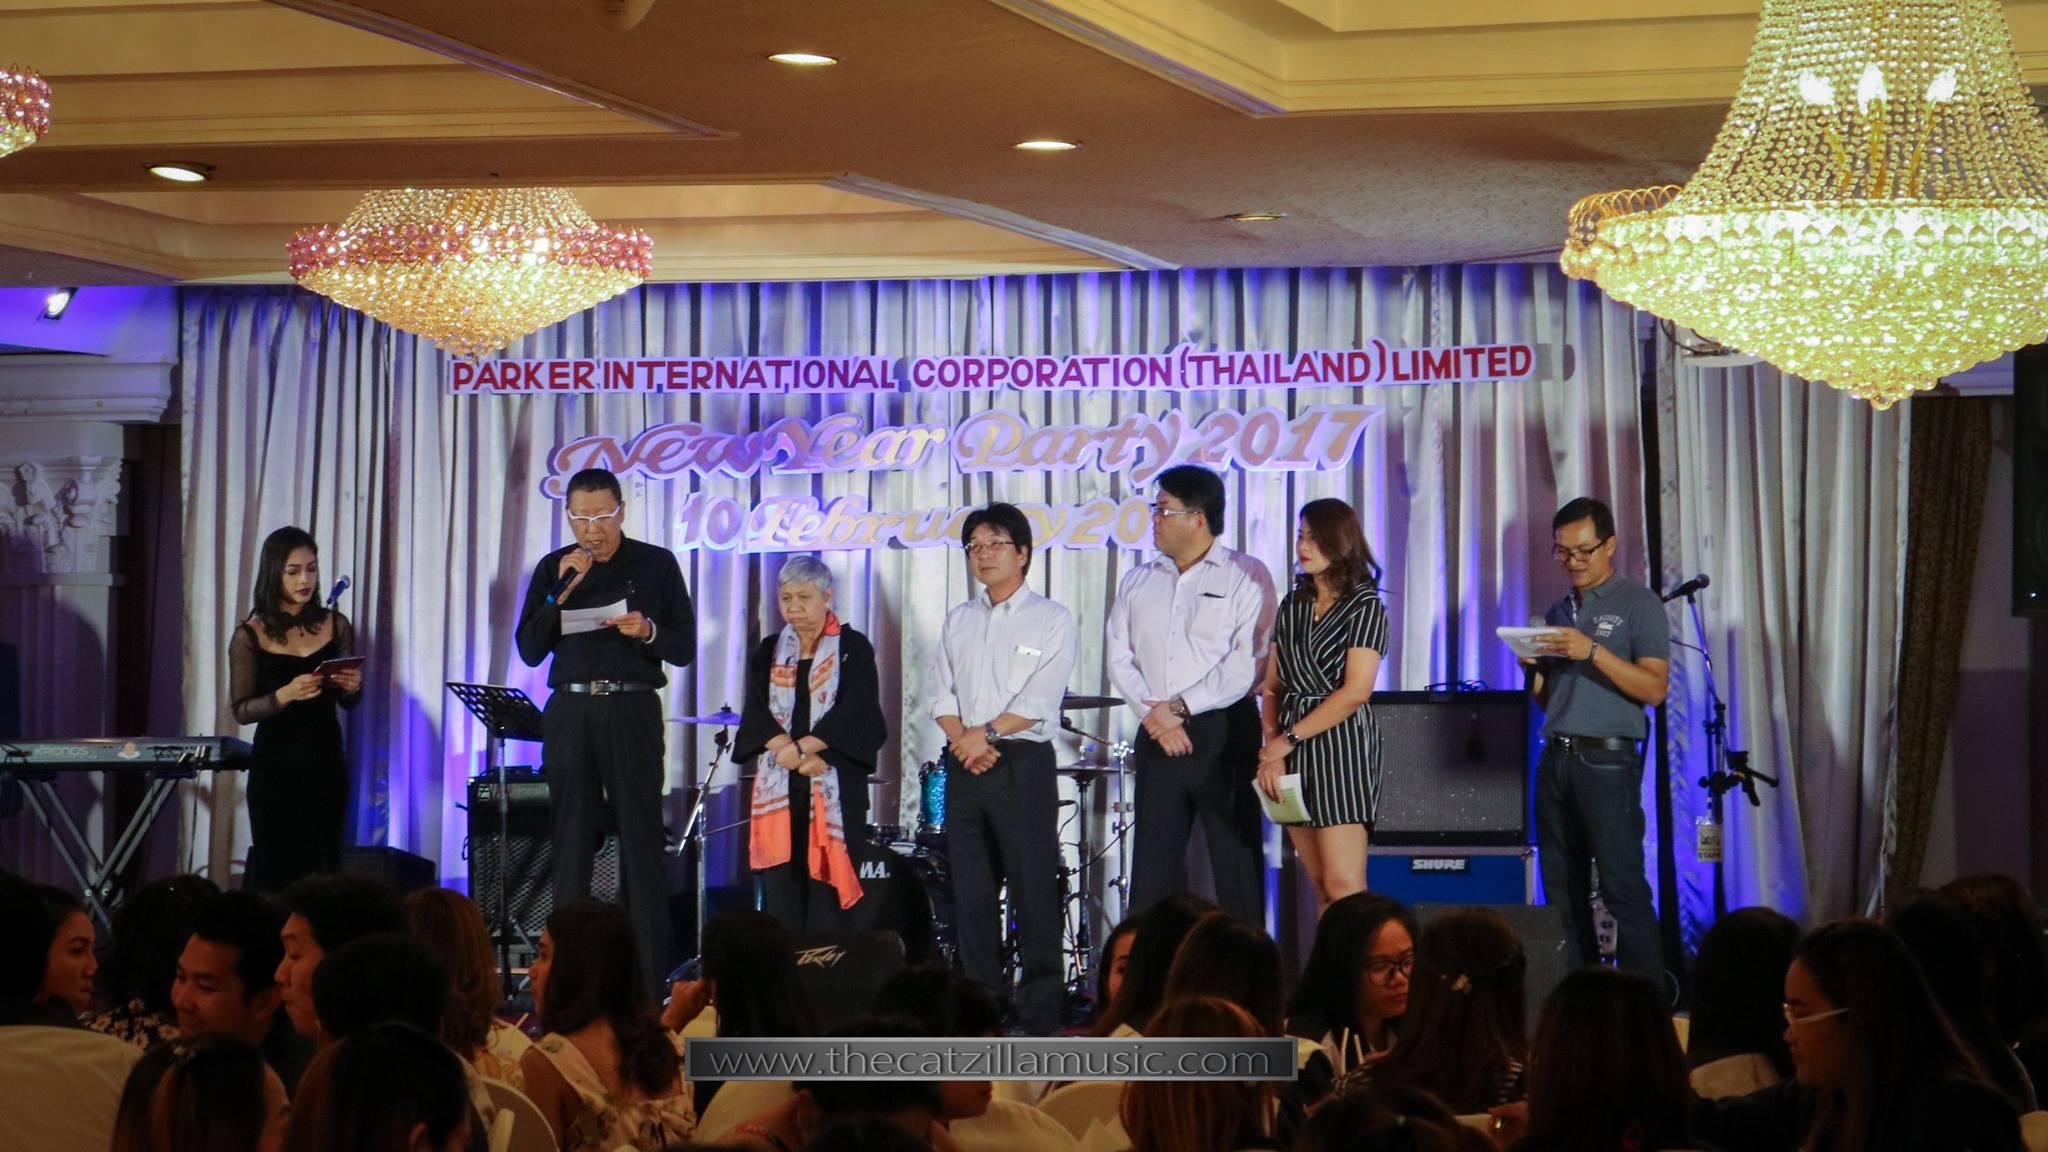 วงดนตรีงานเลี้ยง After Party งานแต่งงาน บุ๋นแบนด์ วงดนตรีสด After party wedding วงดนตรีงานแต่งงาน thecatzillamusic Avana 1